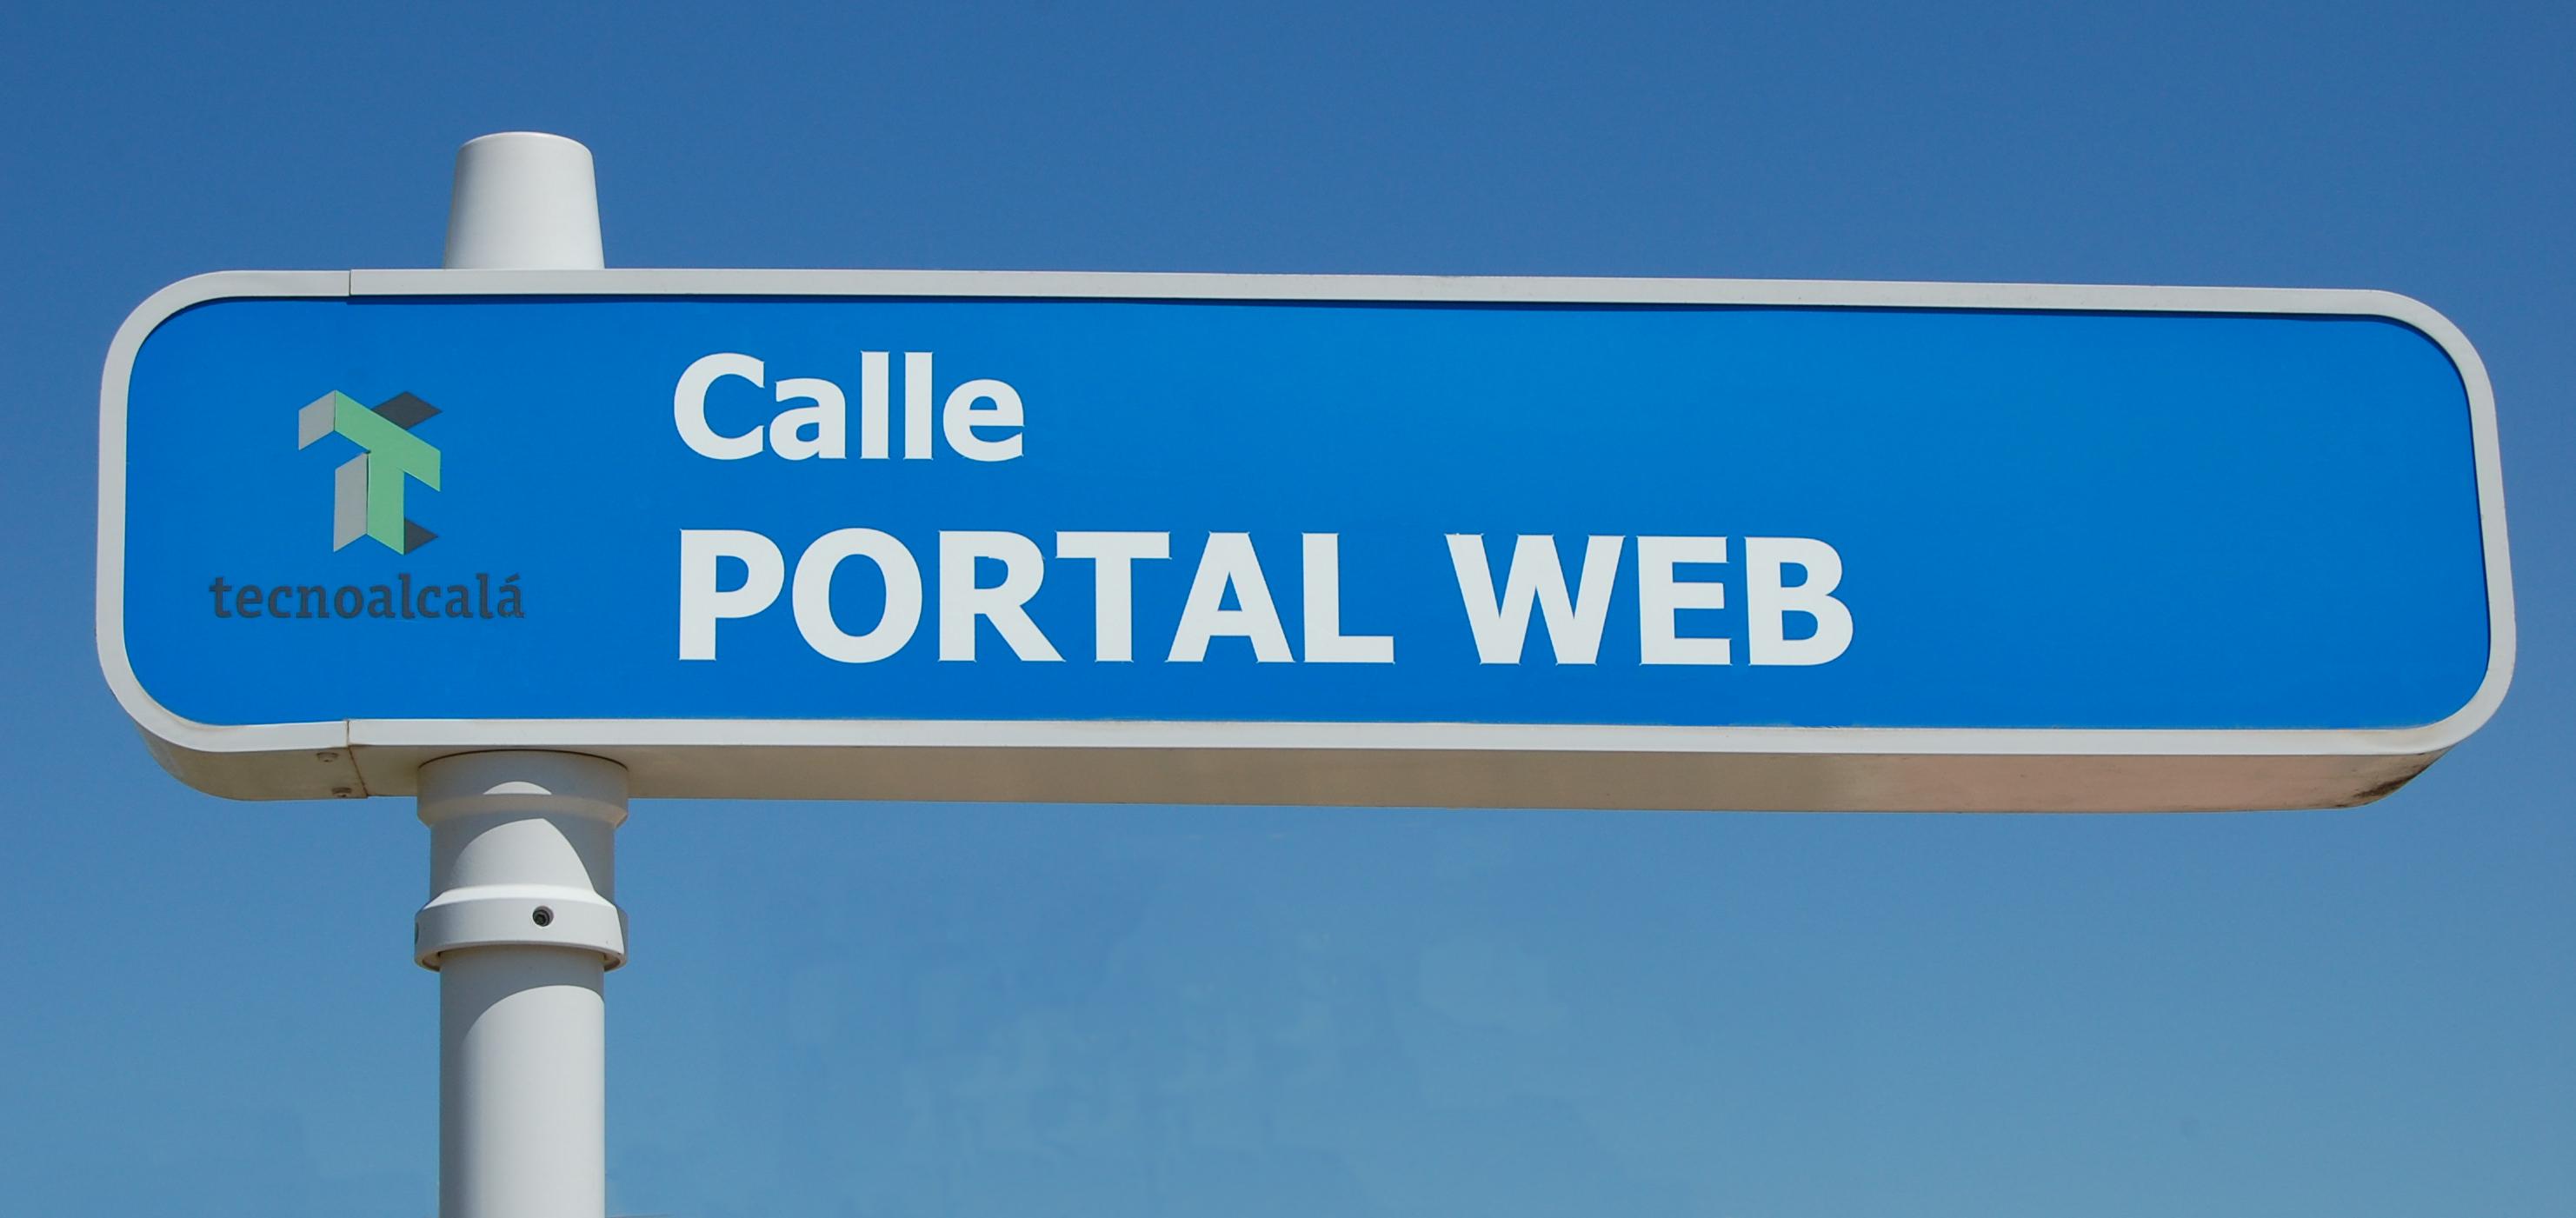 Portal (Internet) - Wikipedia, la enciclopedia libre